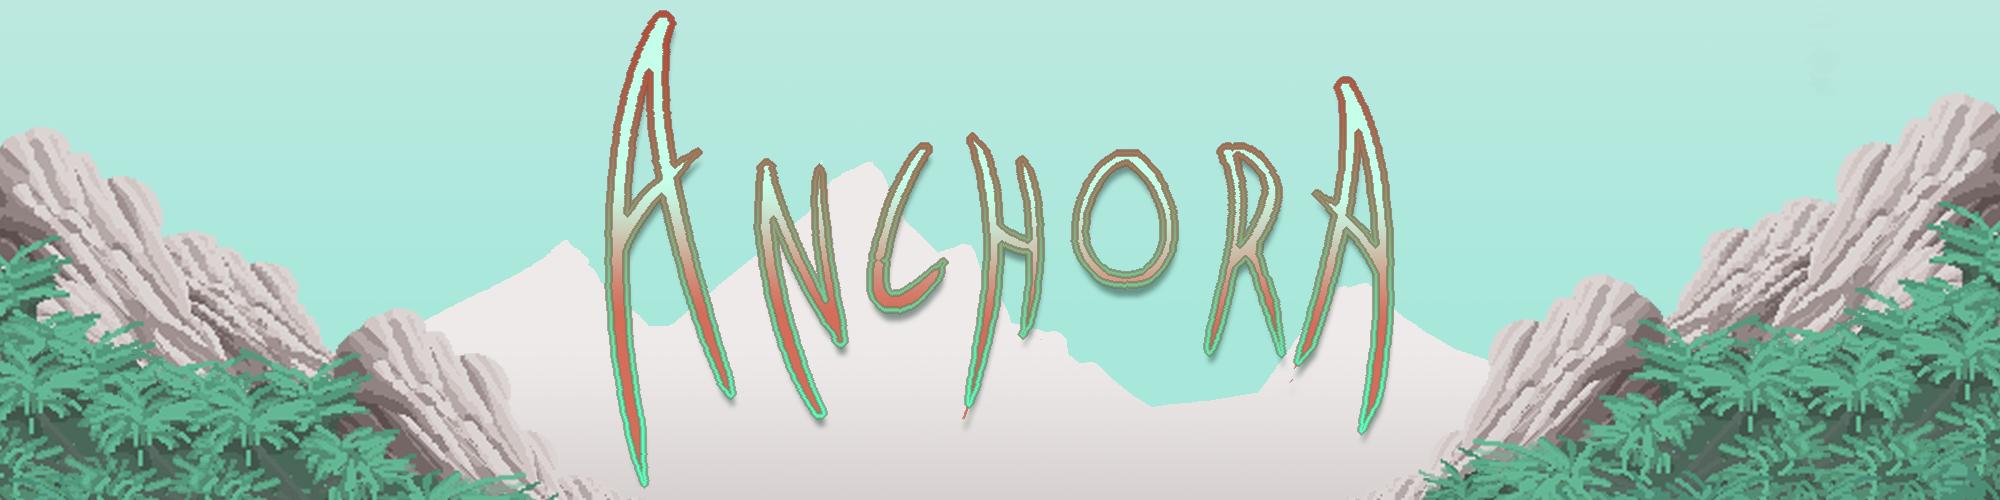 Anchora